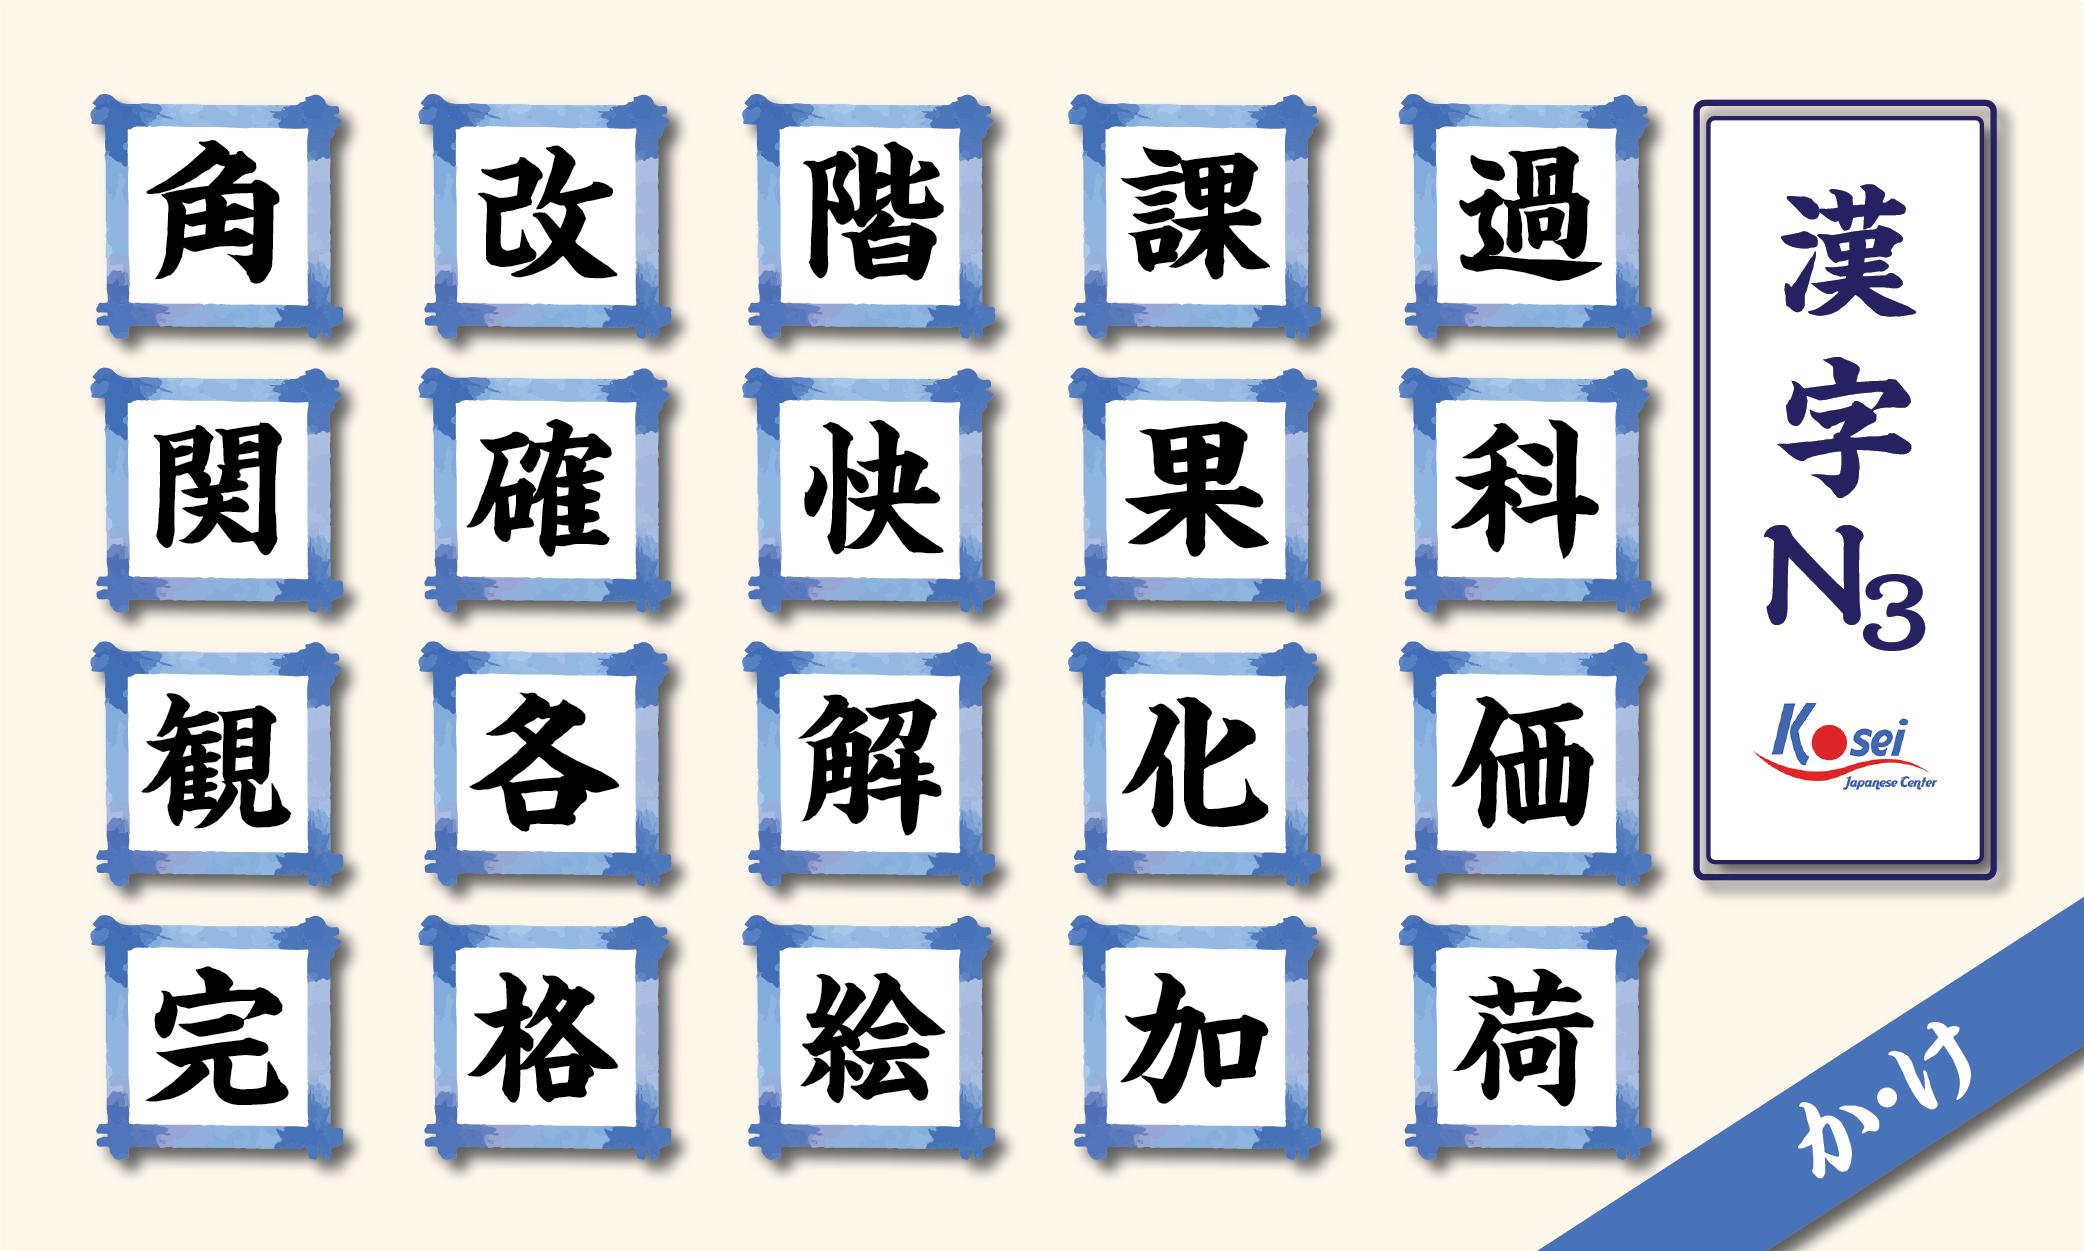 Tổng hợp Kanji N3 theo âm on: hàng K (phần 1)